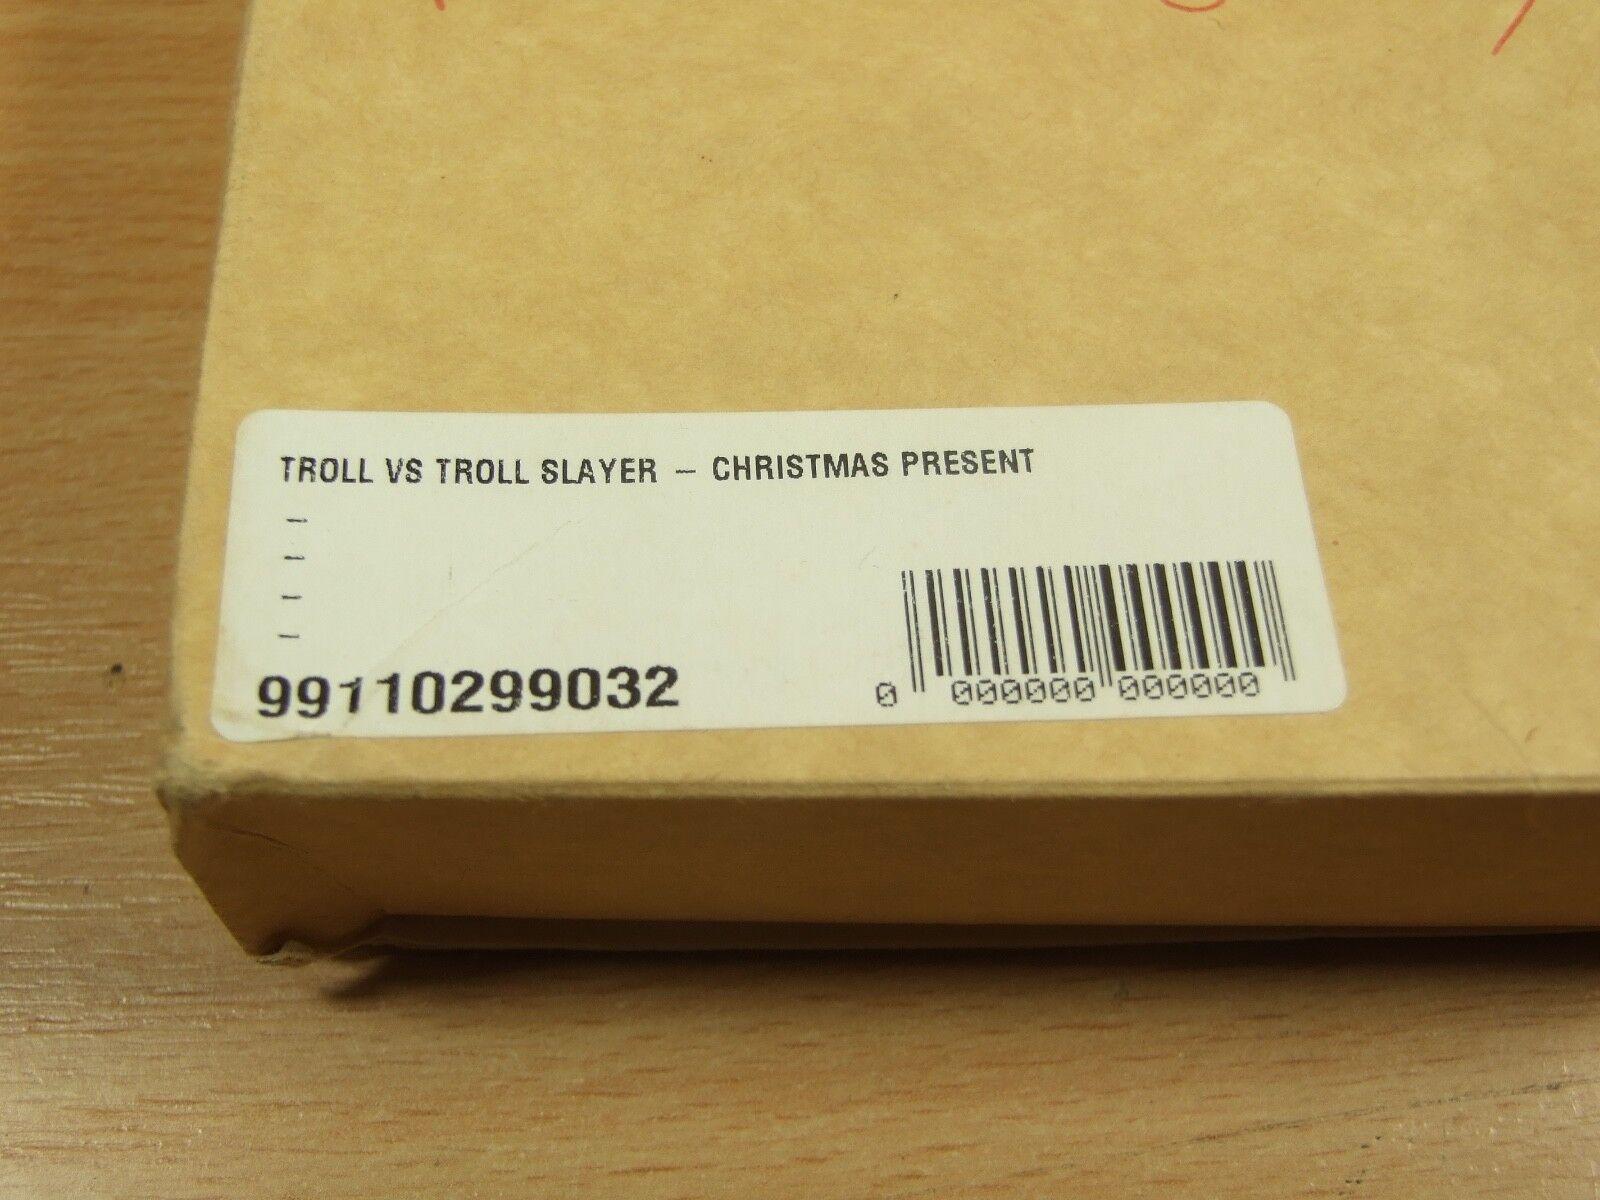 Nuevo y en caja Warhammer 2018 Personal Regalo De Navidad Ltd Edition 54 mm Troll vs Dwarf Slayer